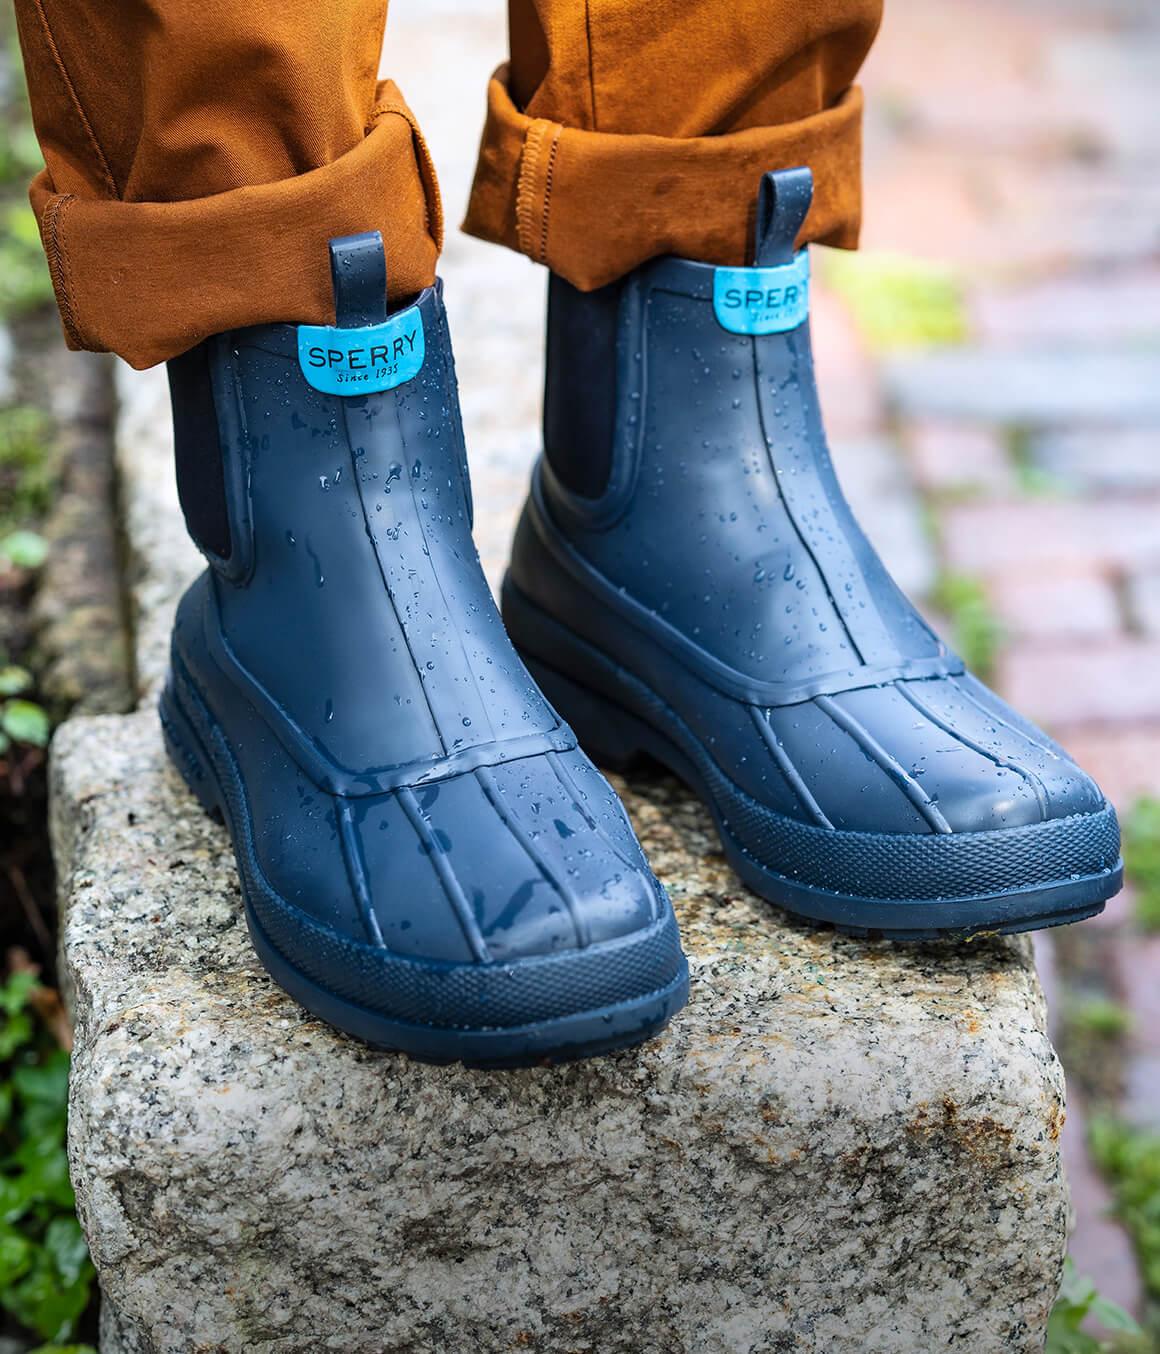 Men's Chelsea boots.